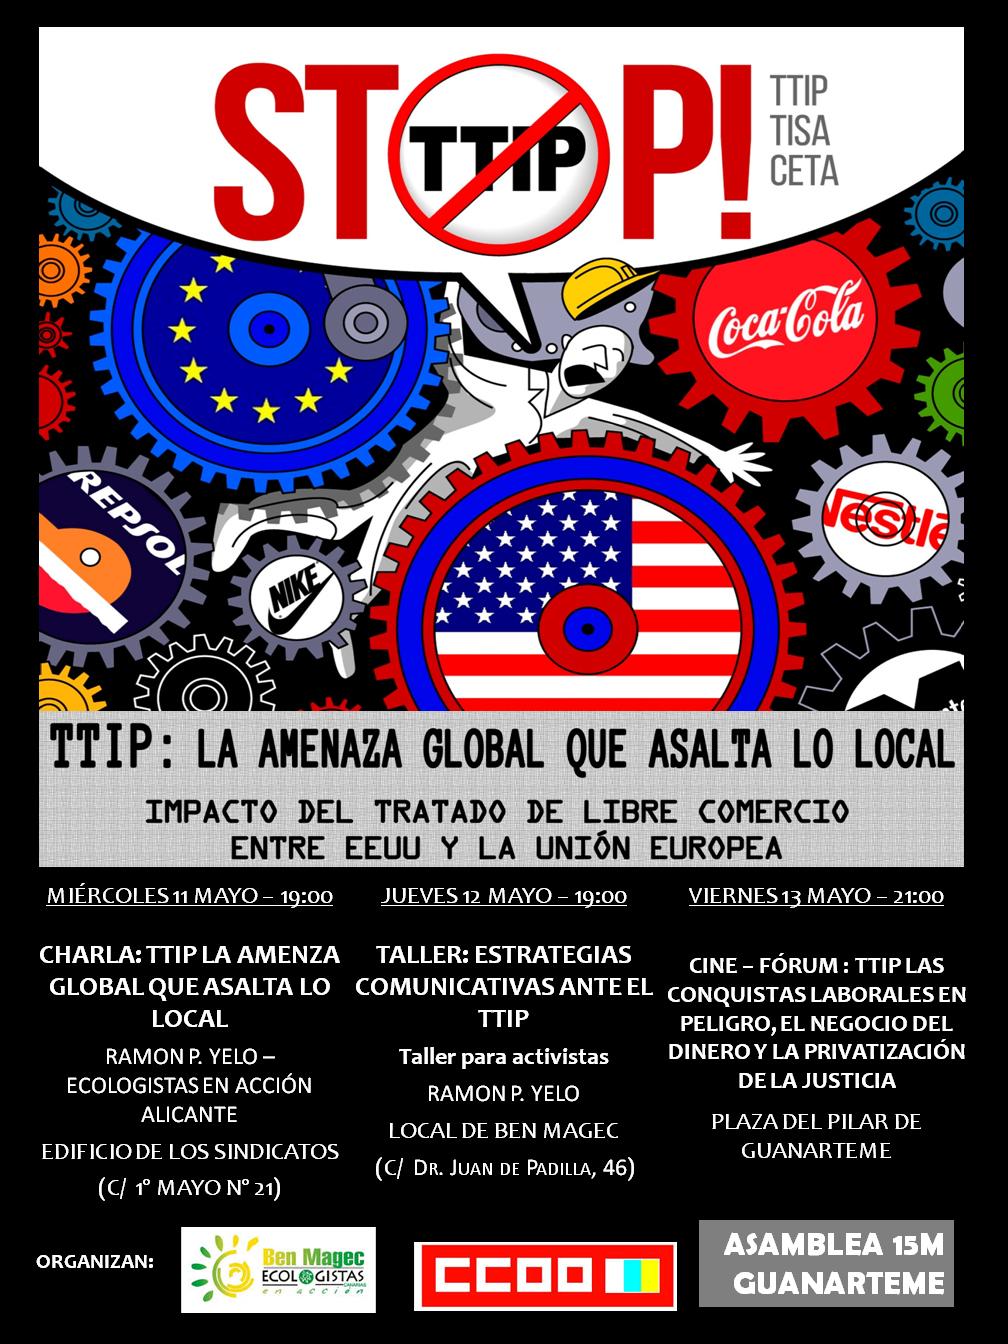 CARTEL CAMPAÑA TTIP GC